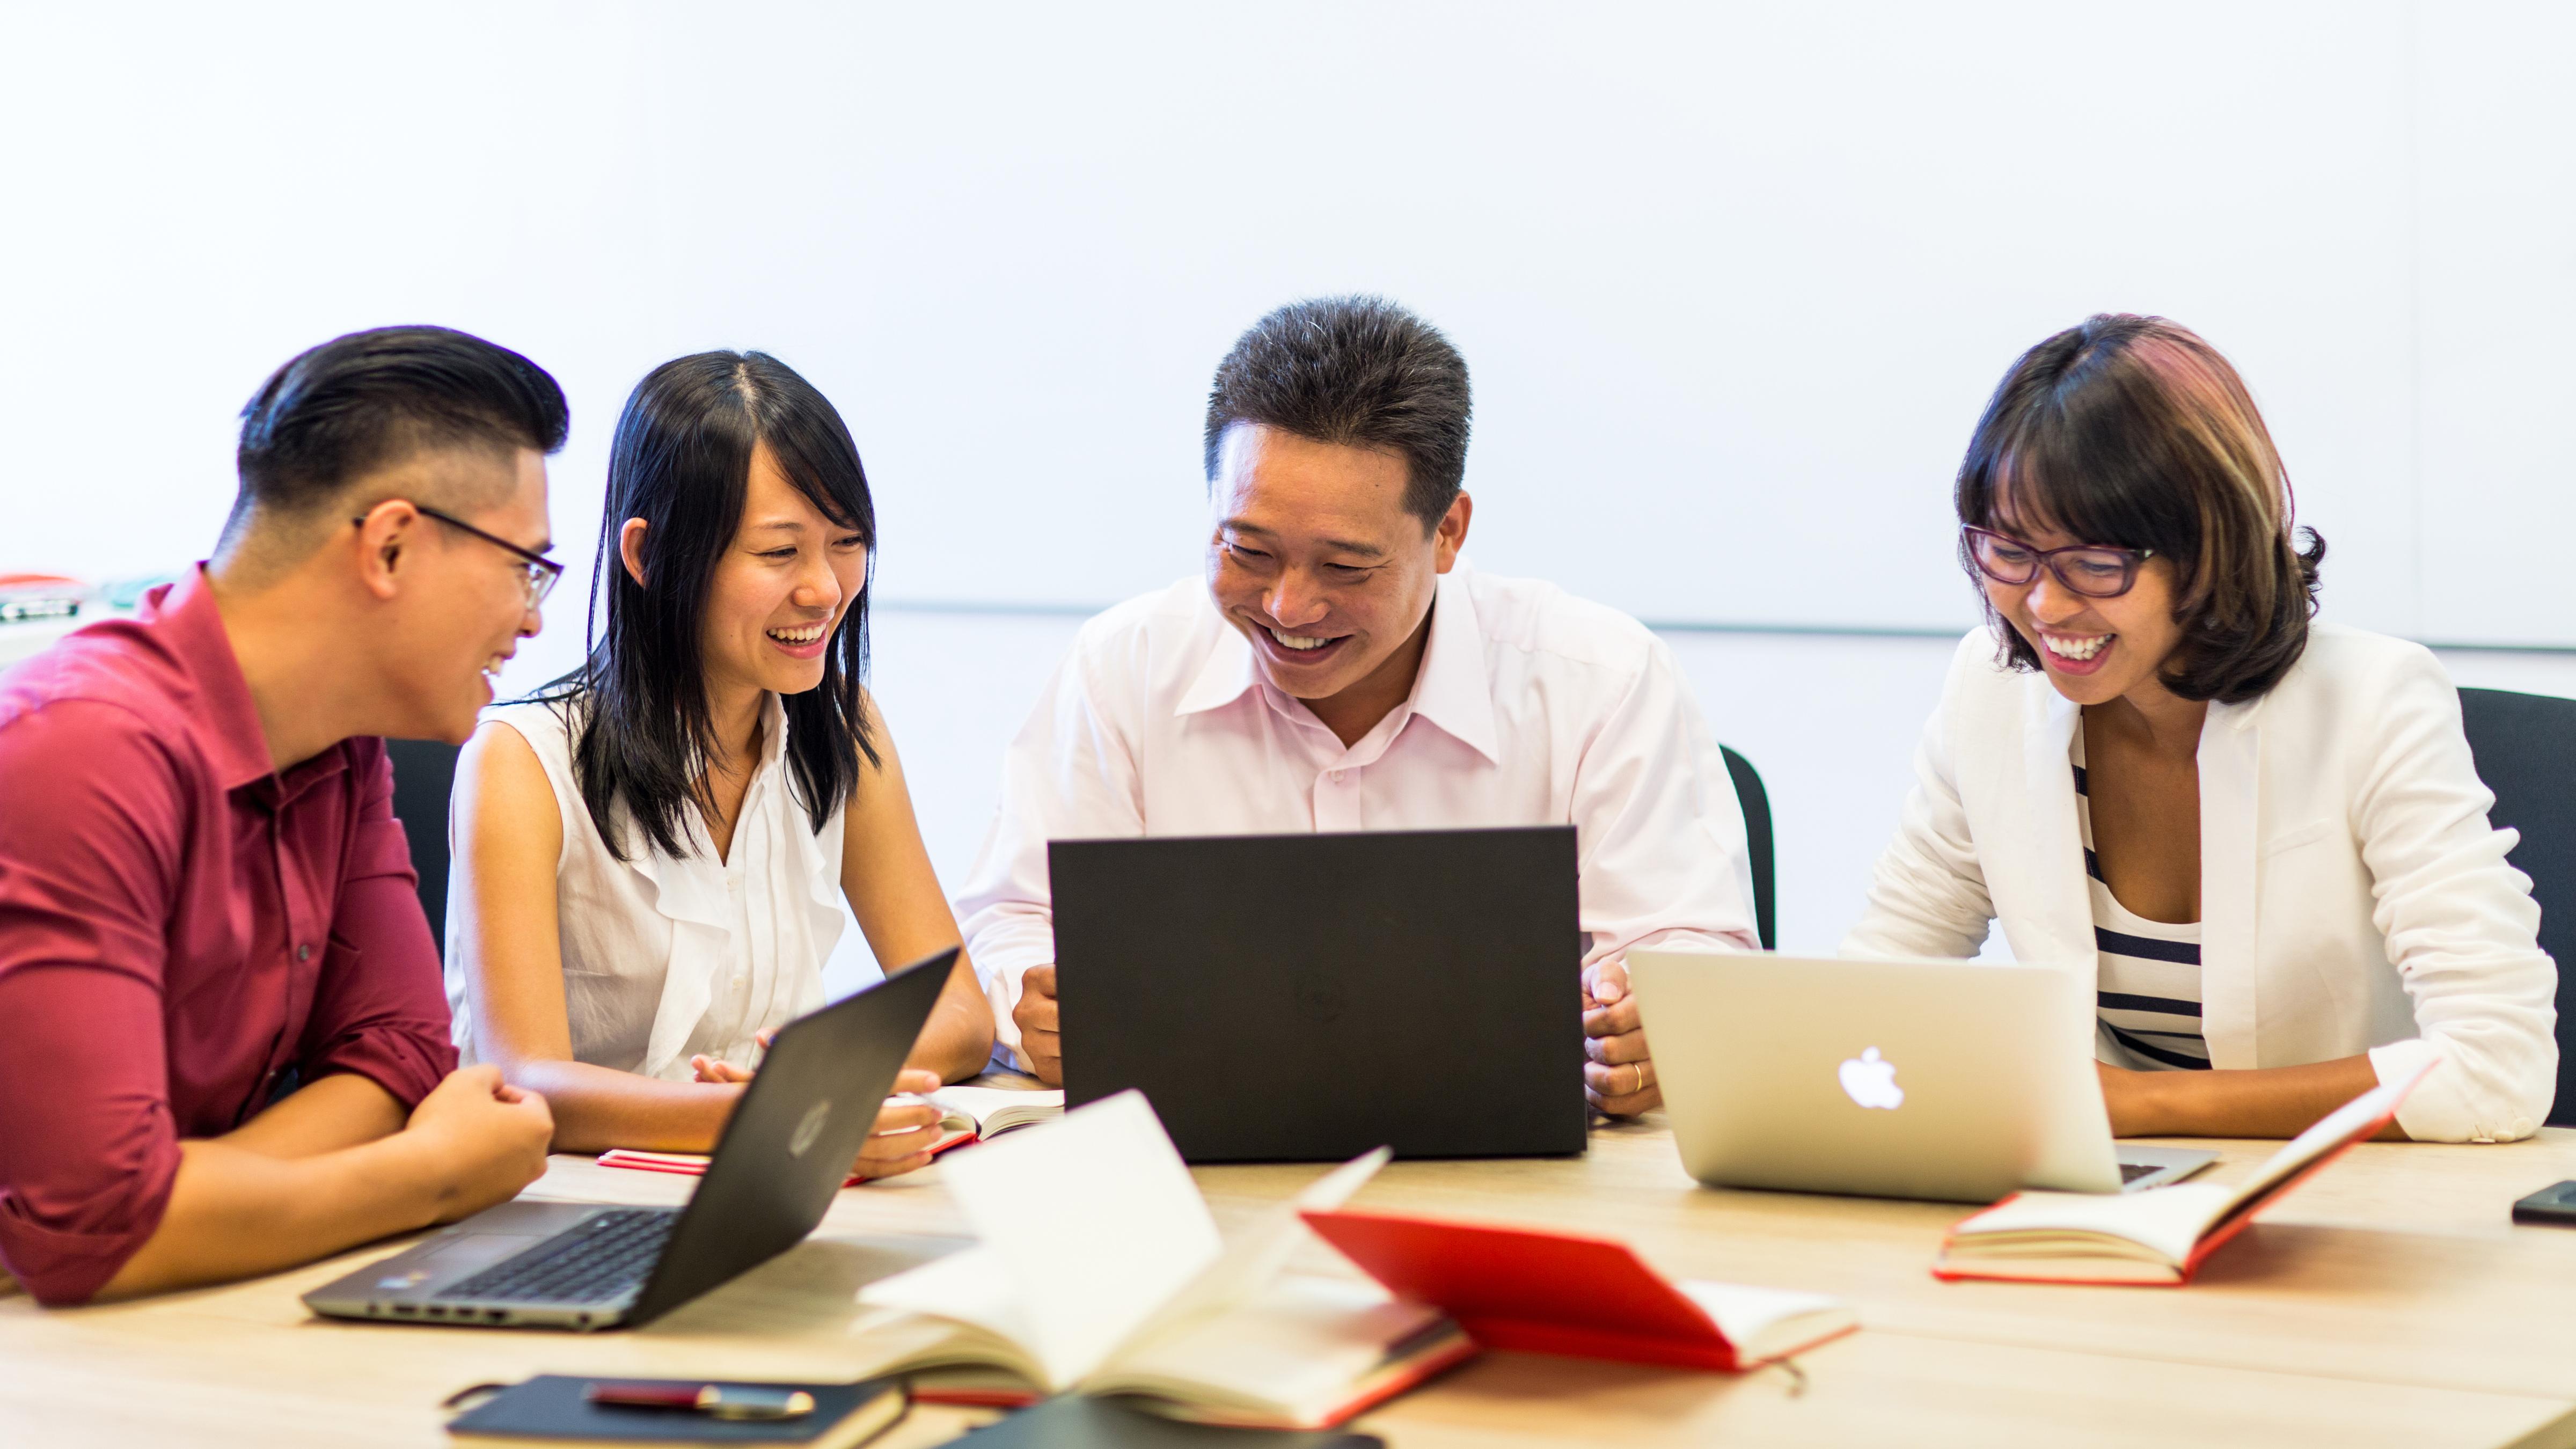 Chương trình MBA xếp hạng cao trên bảng xếp hạng toàn cầu được giảng dạy tại RMIT Việt Nam